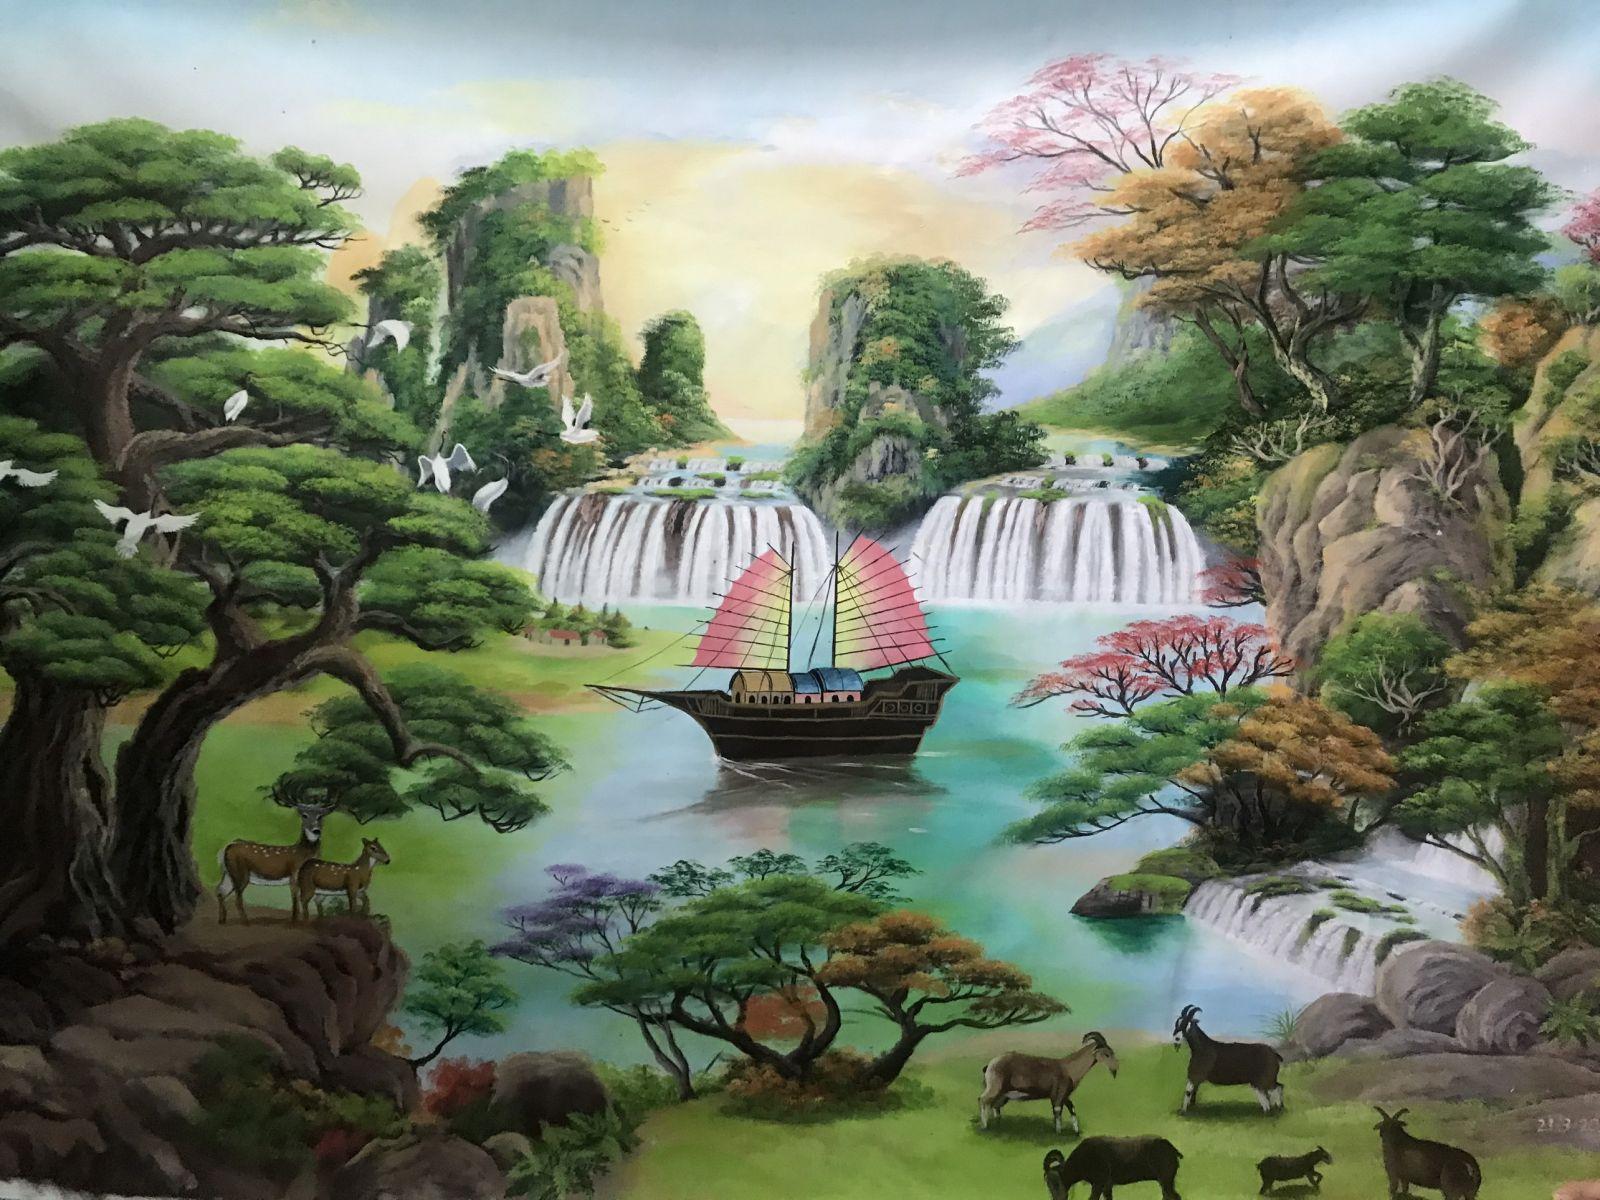 Những bức tranh chứa đựng tình cảm, tâm huyết của Trần Thái Huy